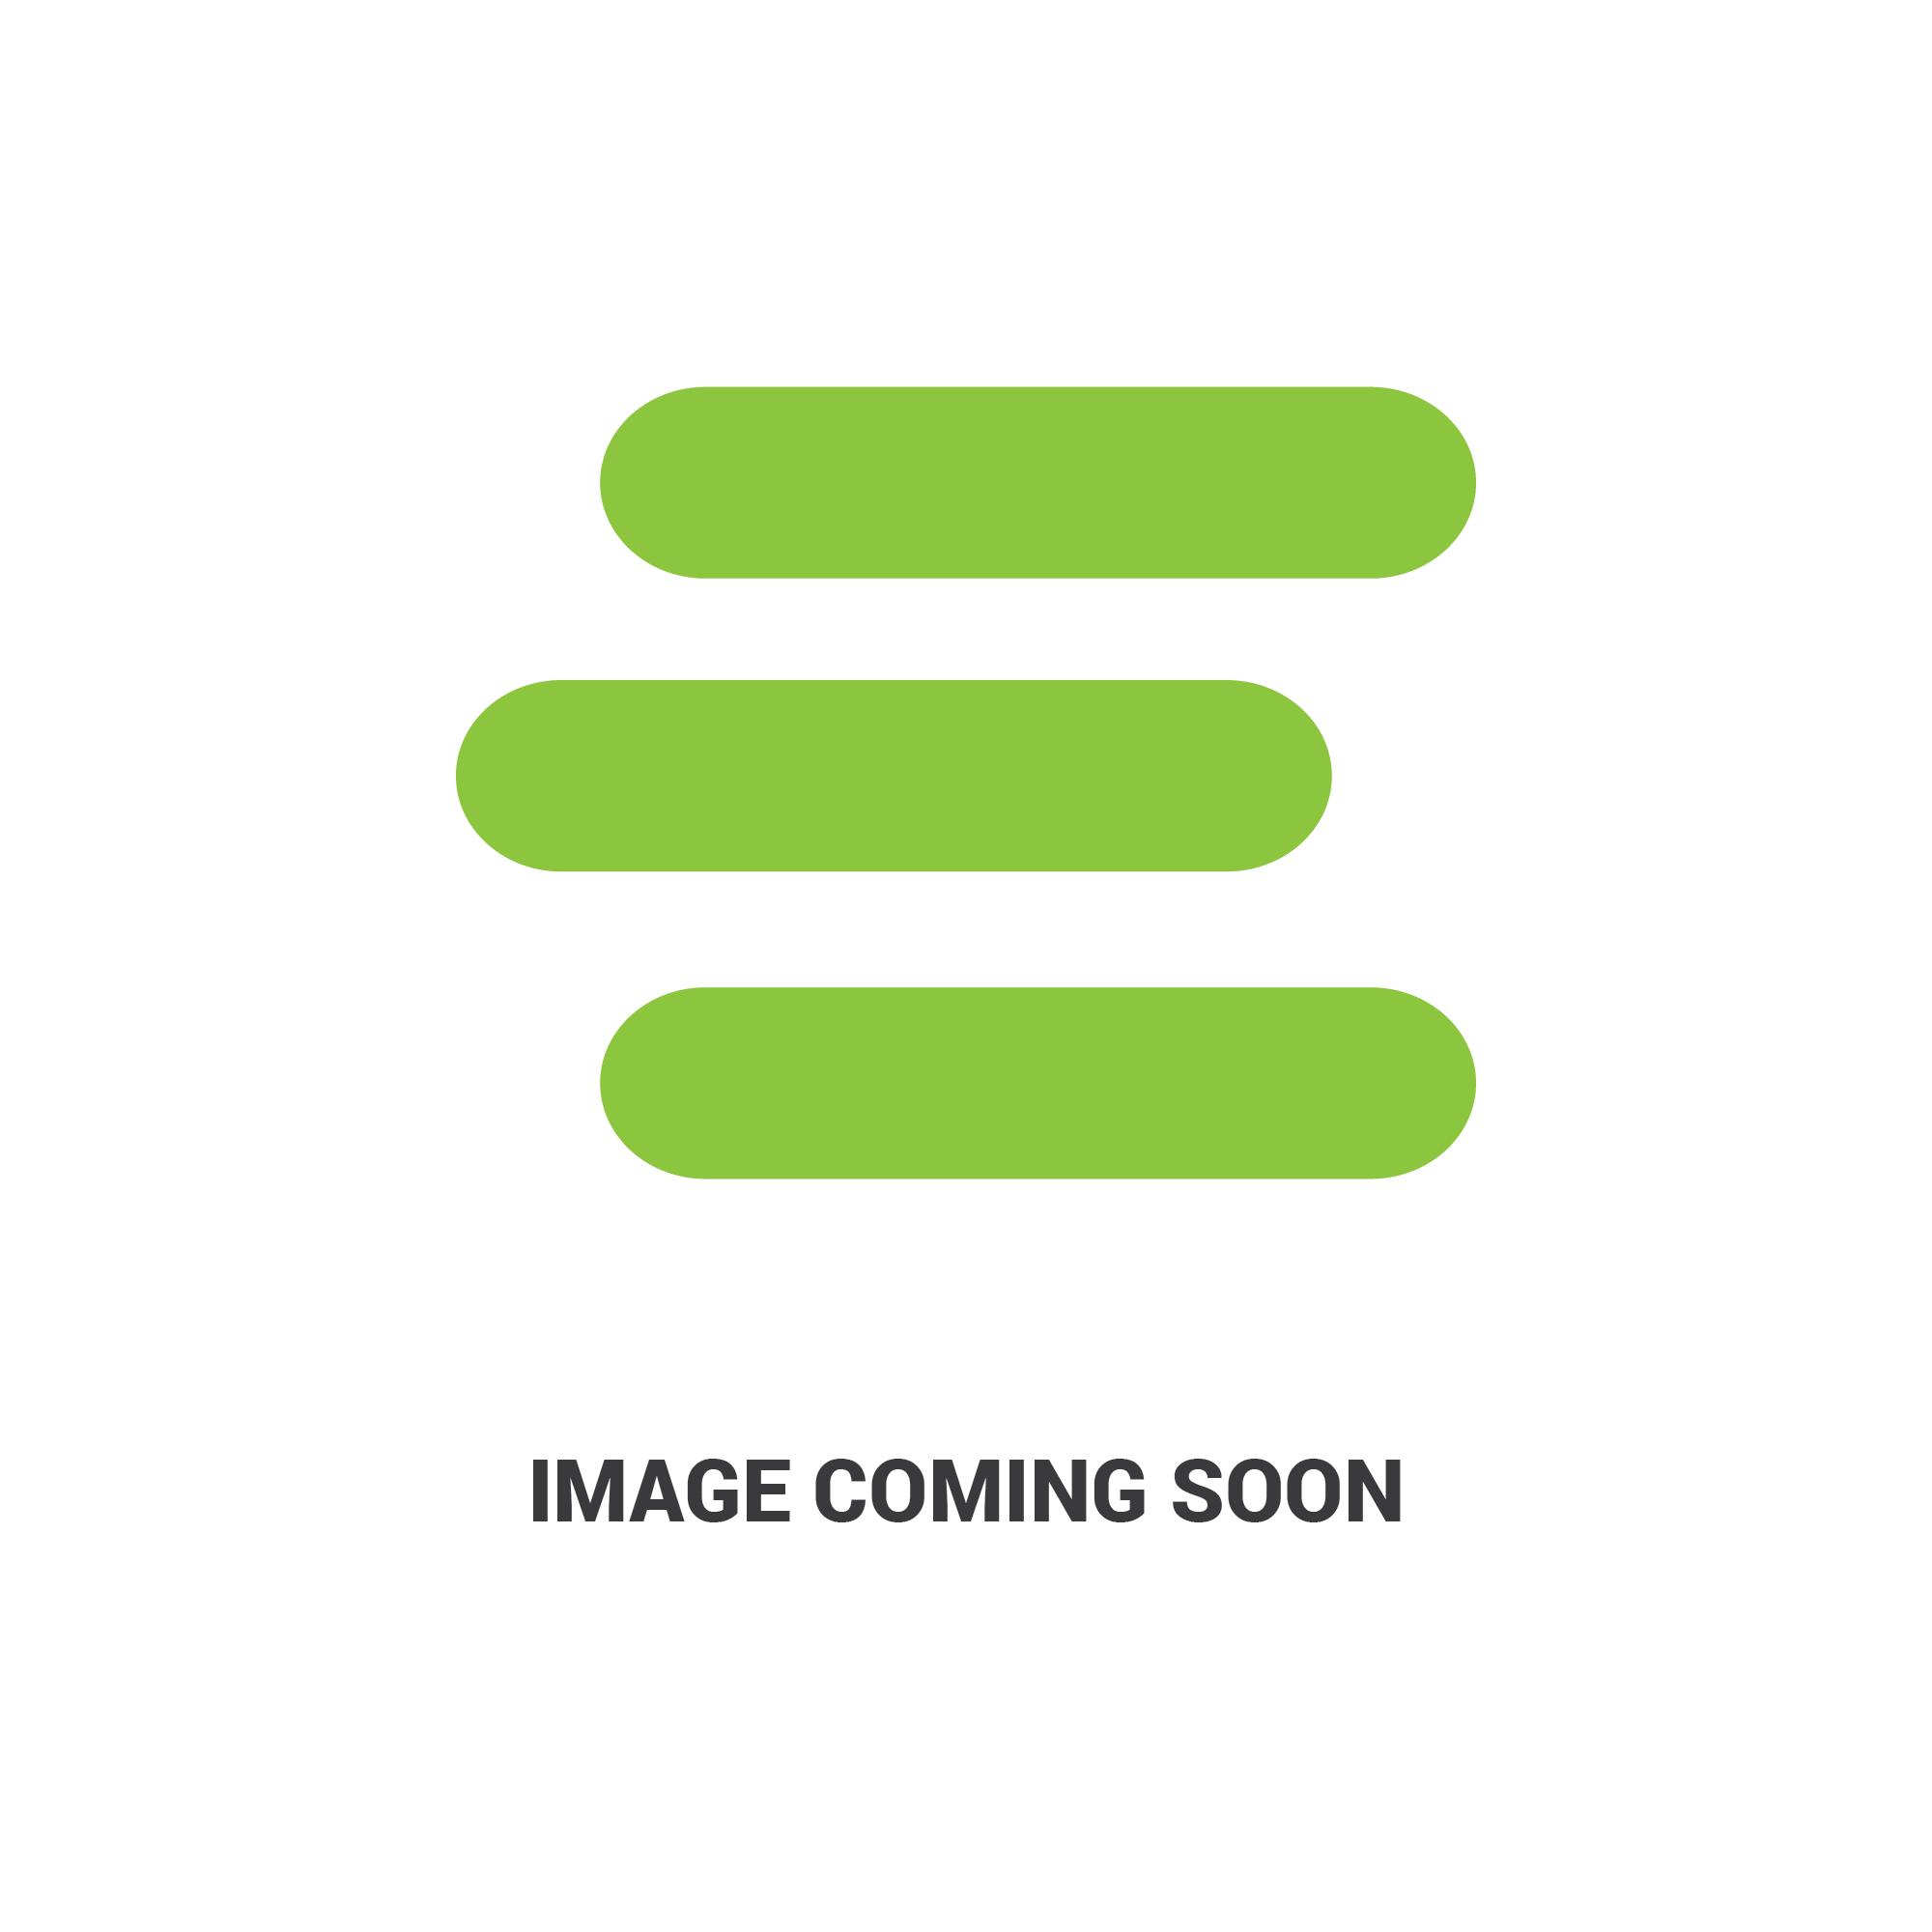 E-KBB21988_1.jpg